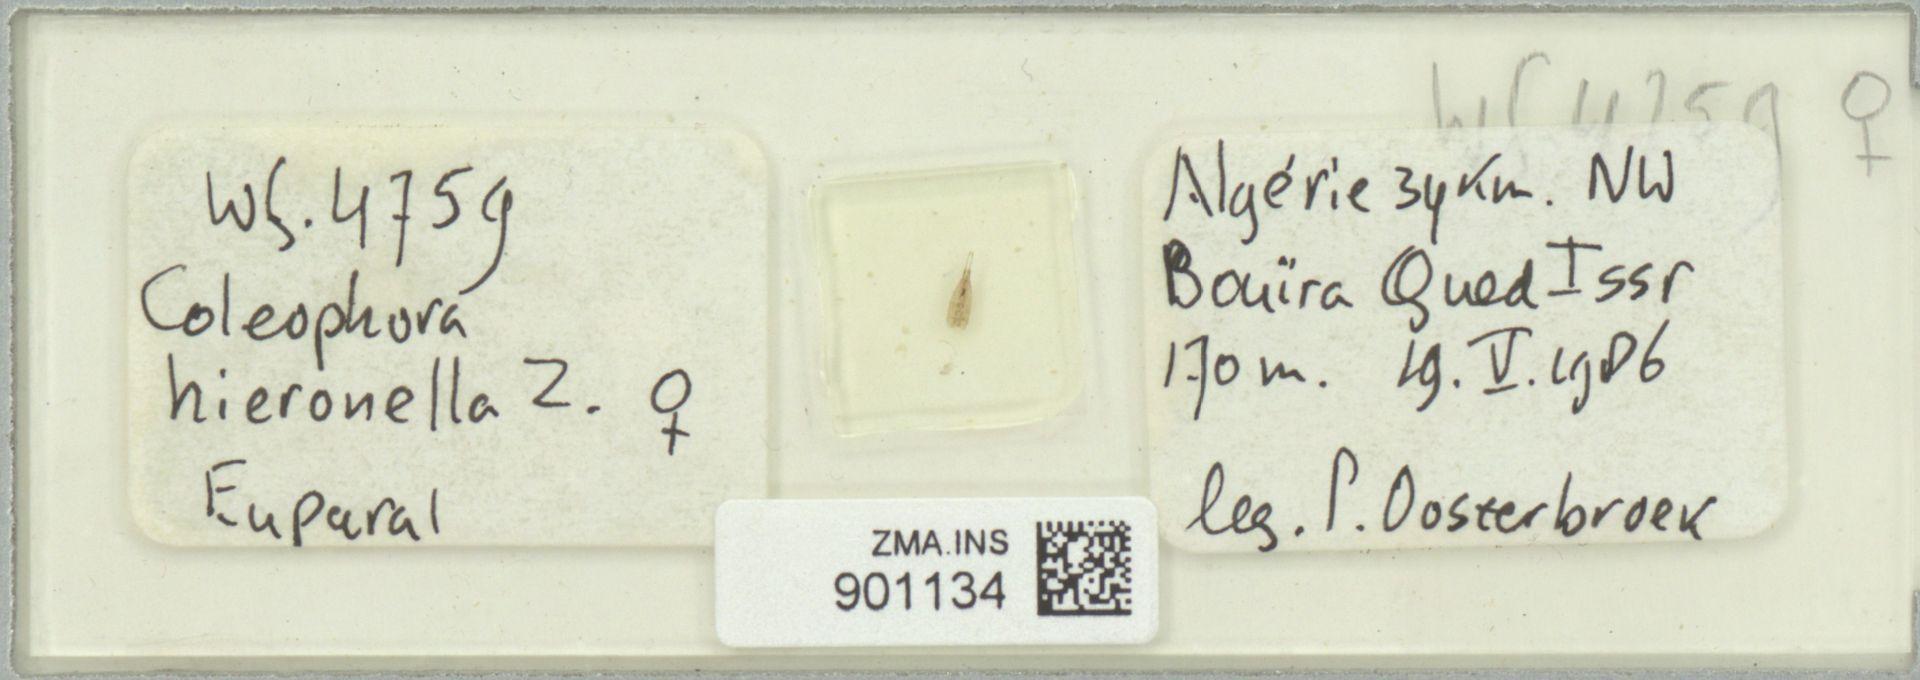 ZMA.INS.901134 | Coleophora hieronella Z.